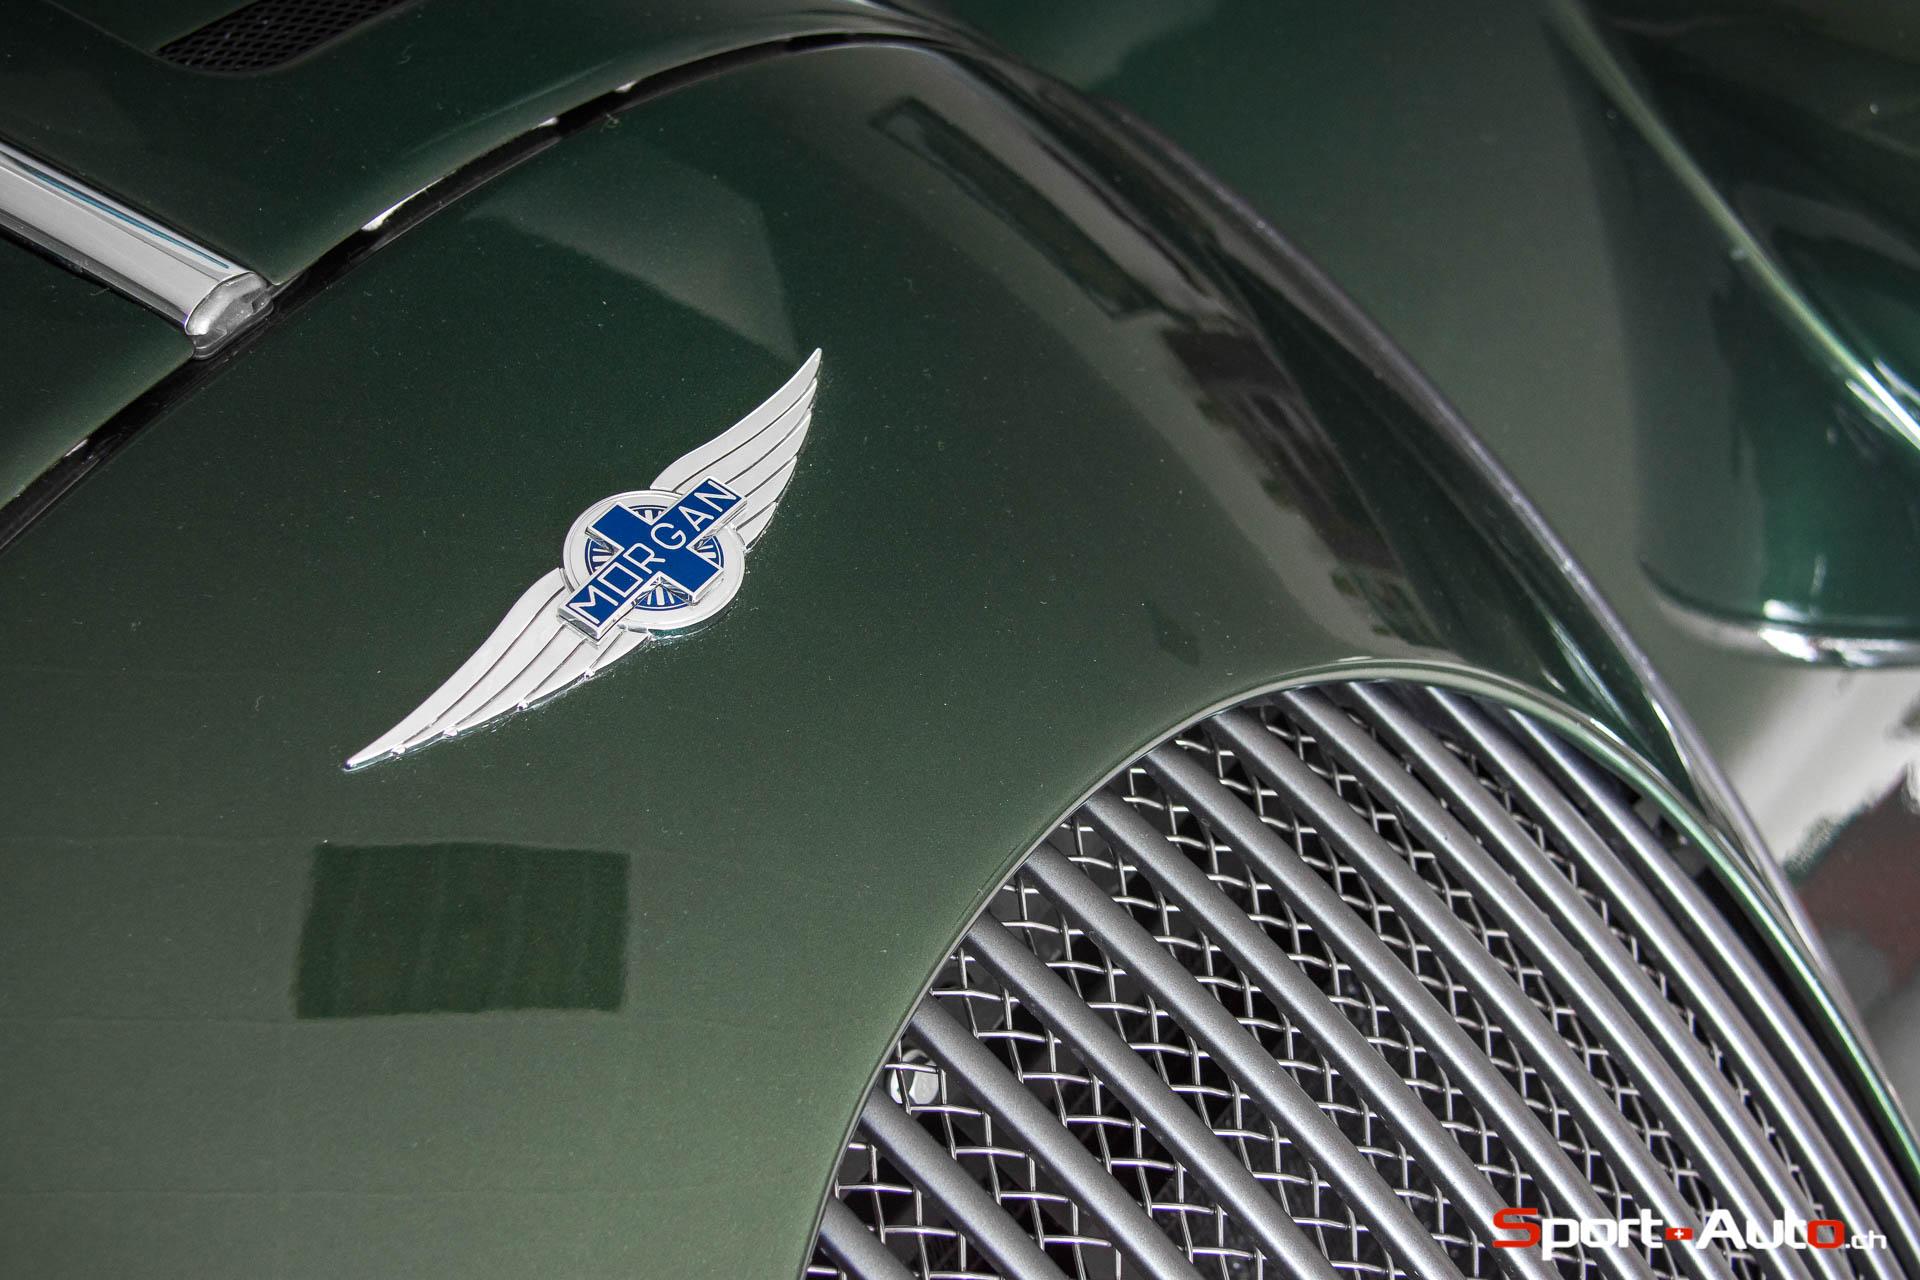 L'essai de la Ford GT sur circuit